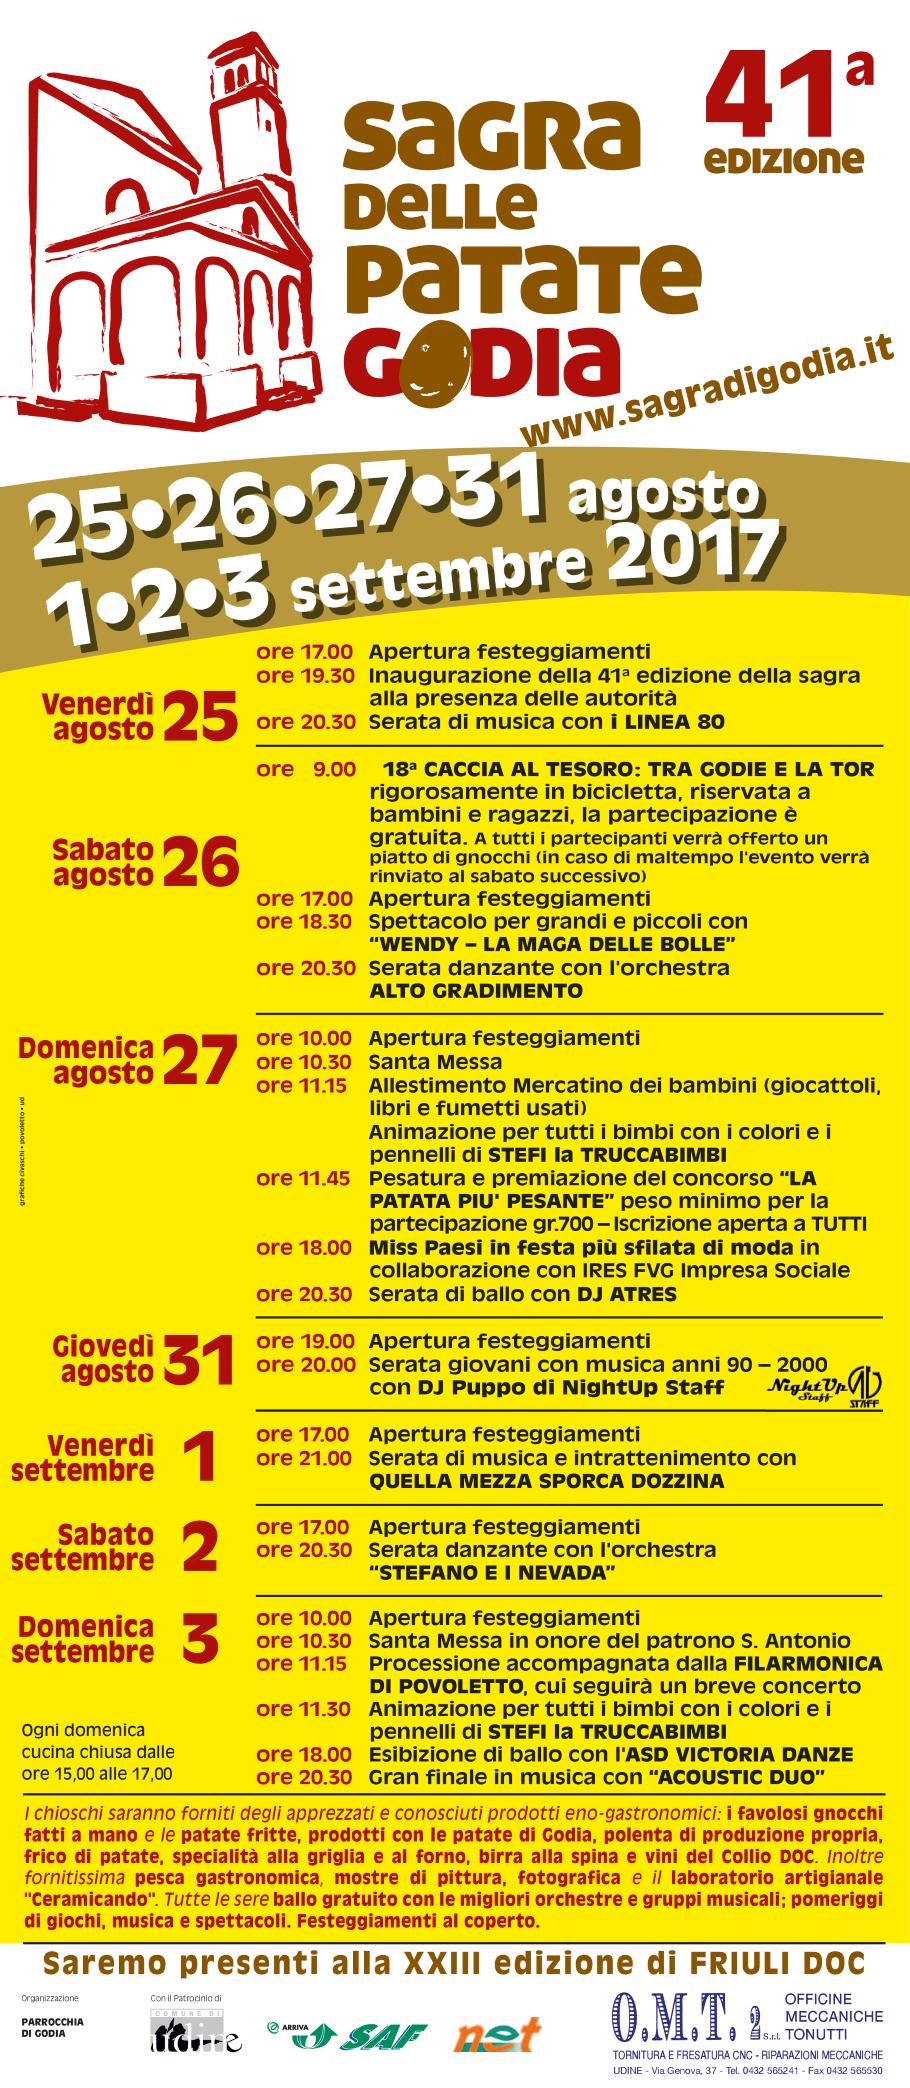 Programma della Sagra di Godia 2017